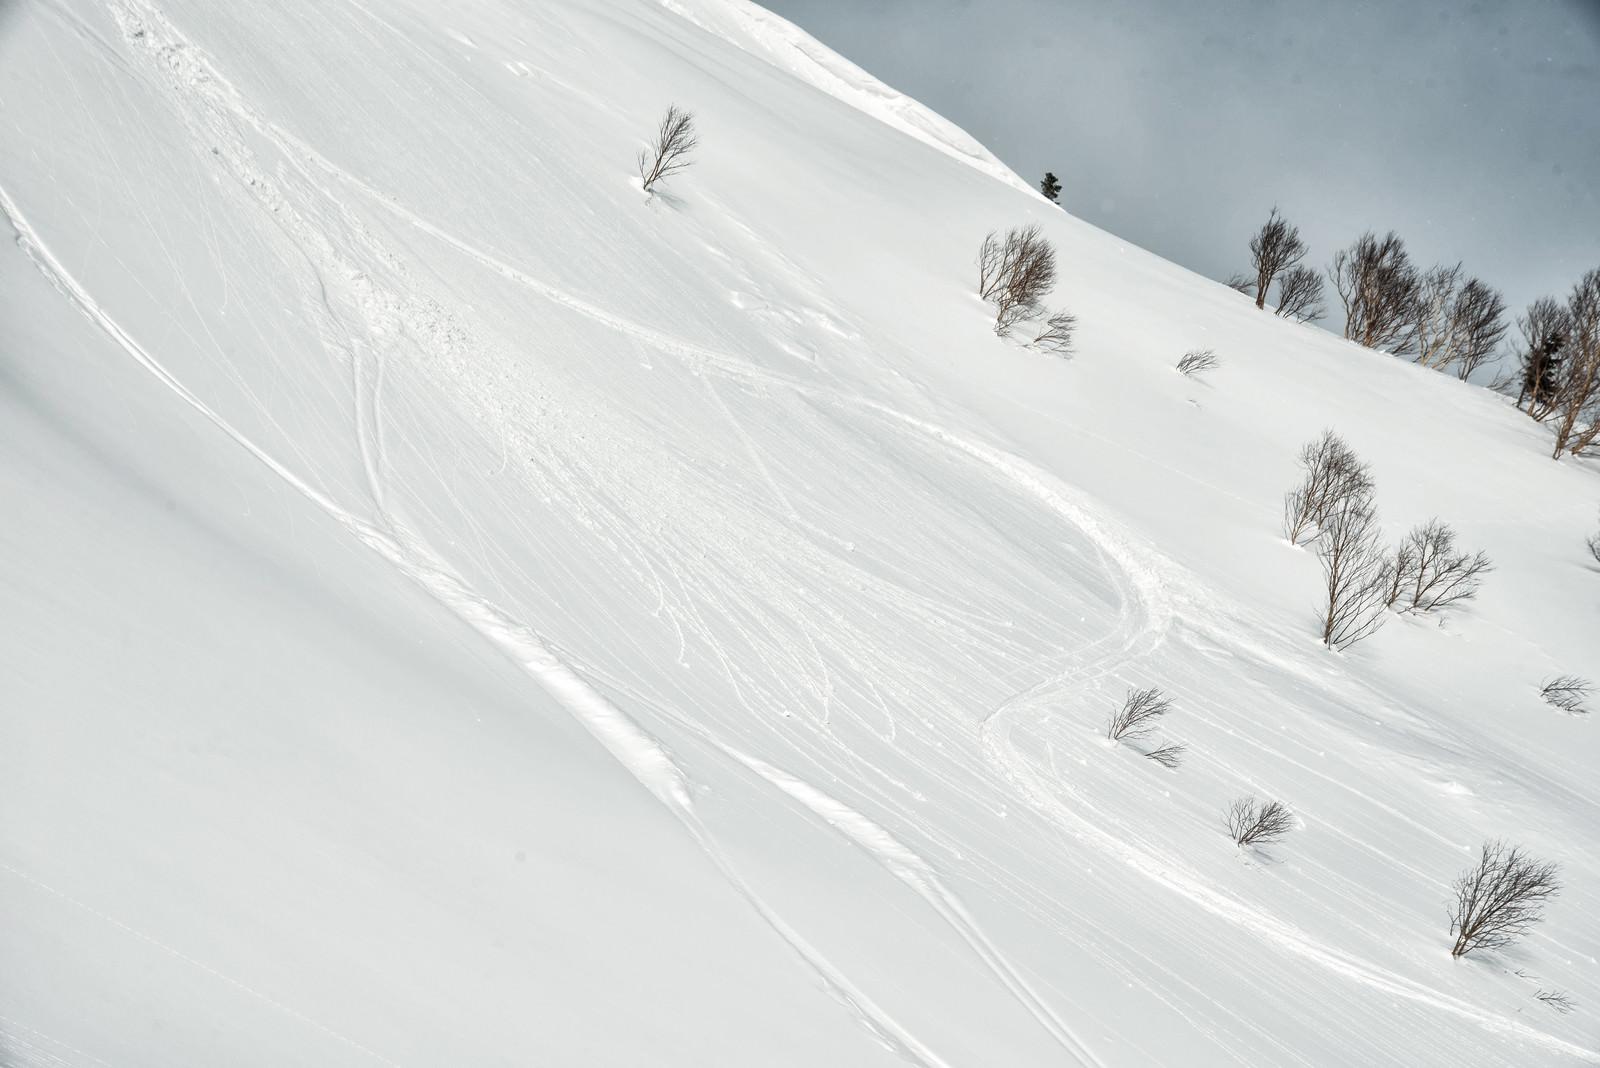 「雪面に残るシュプールの跡」の写真